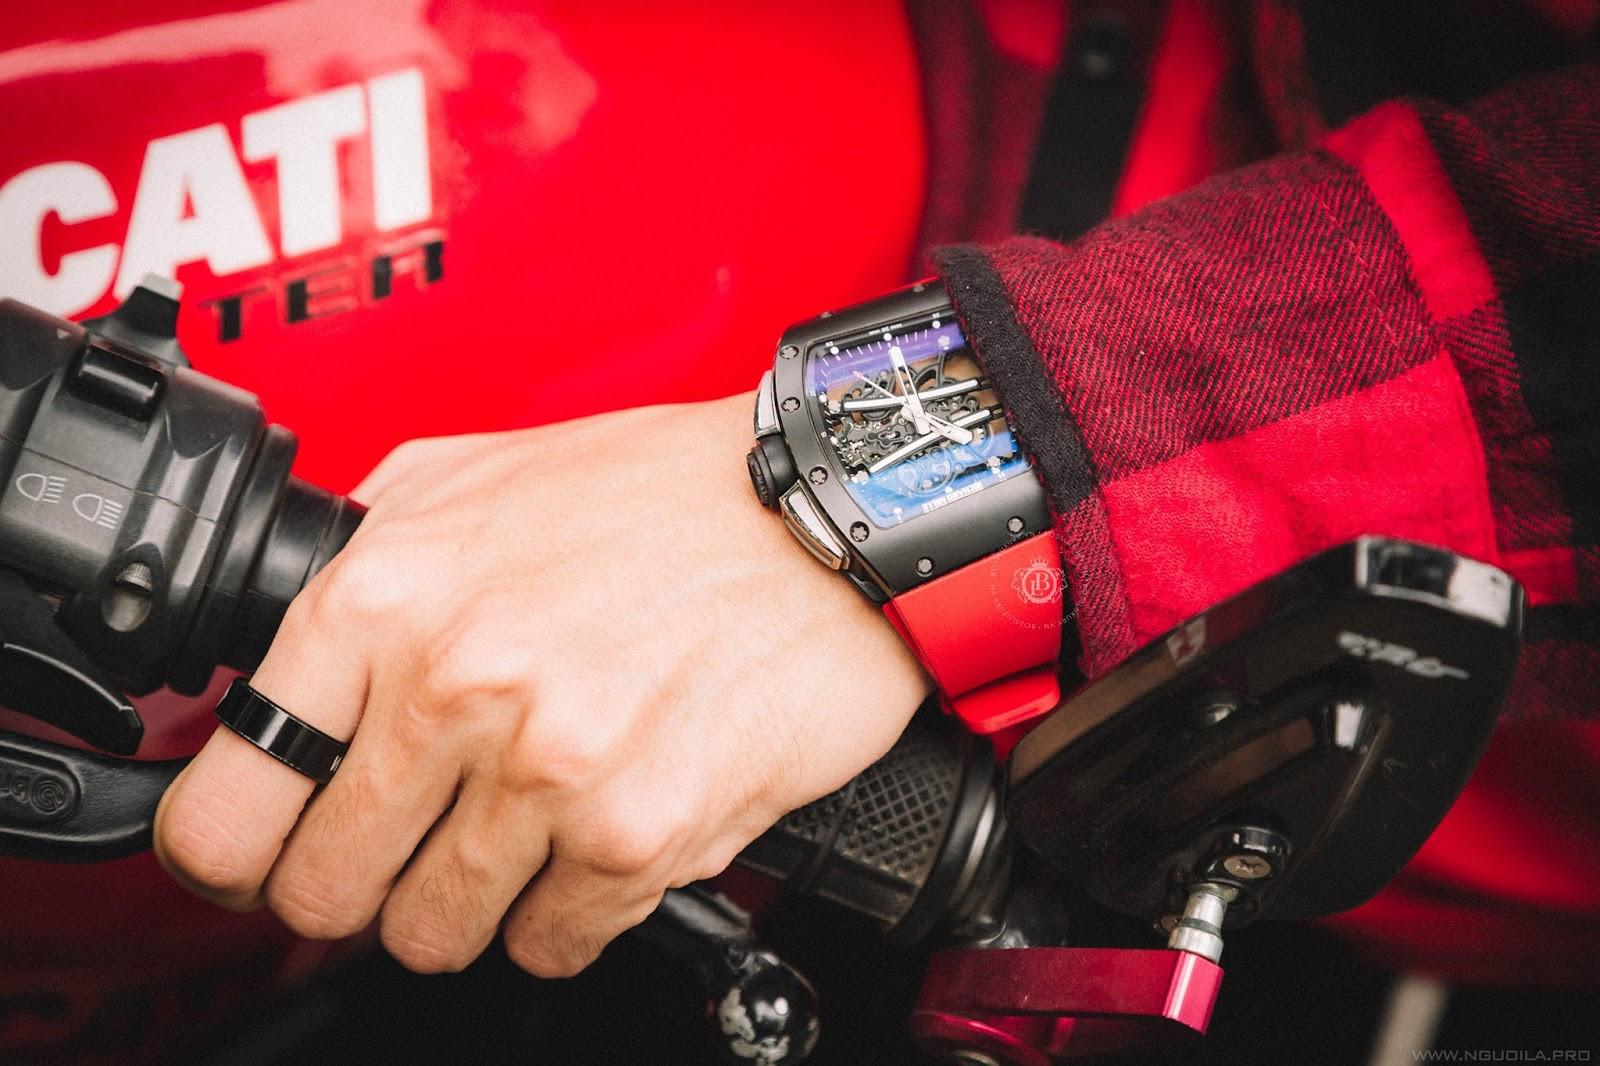 Boss Luxury chỉ ra 5 lưu ý quan trọng khi chọn mua đồng hồ cao cấp - Ảnh 3.